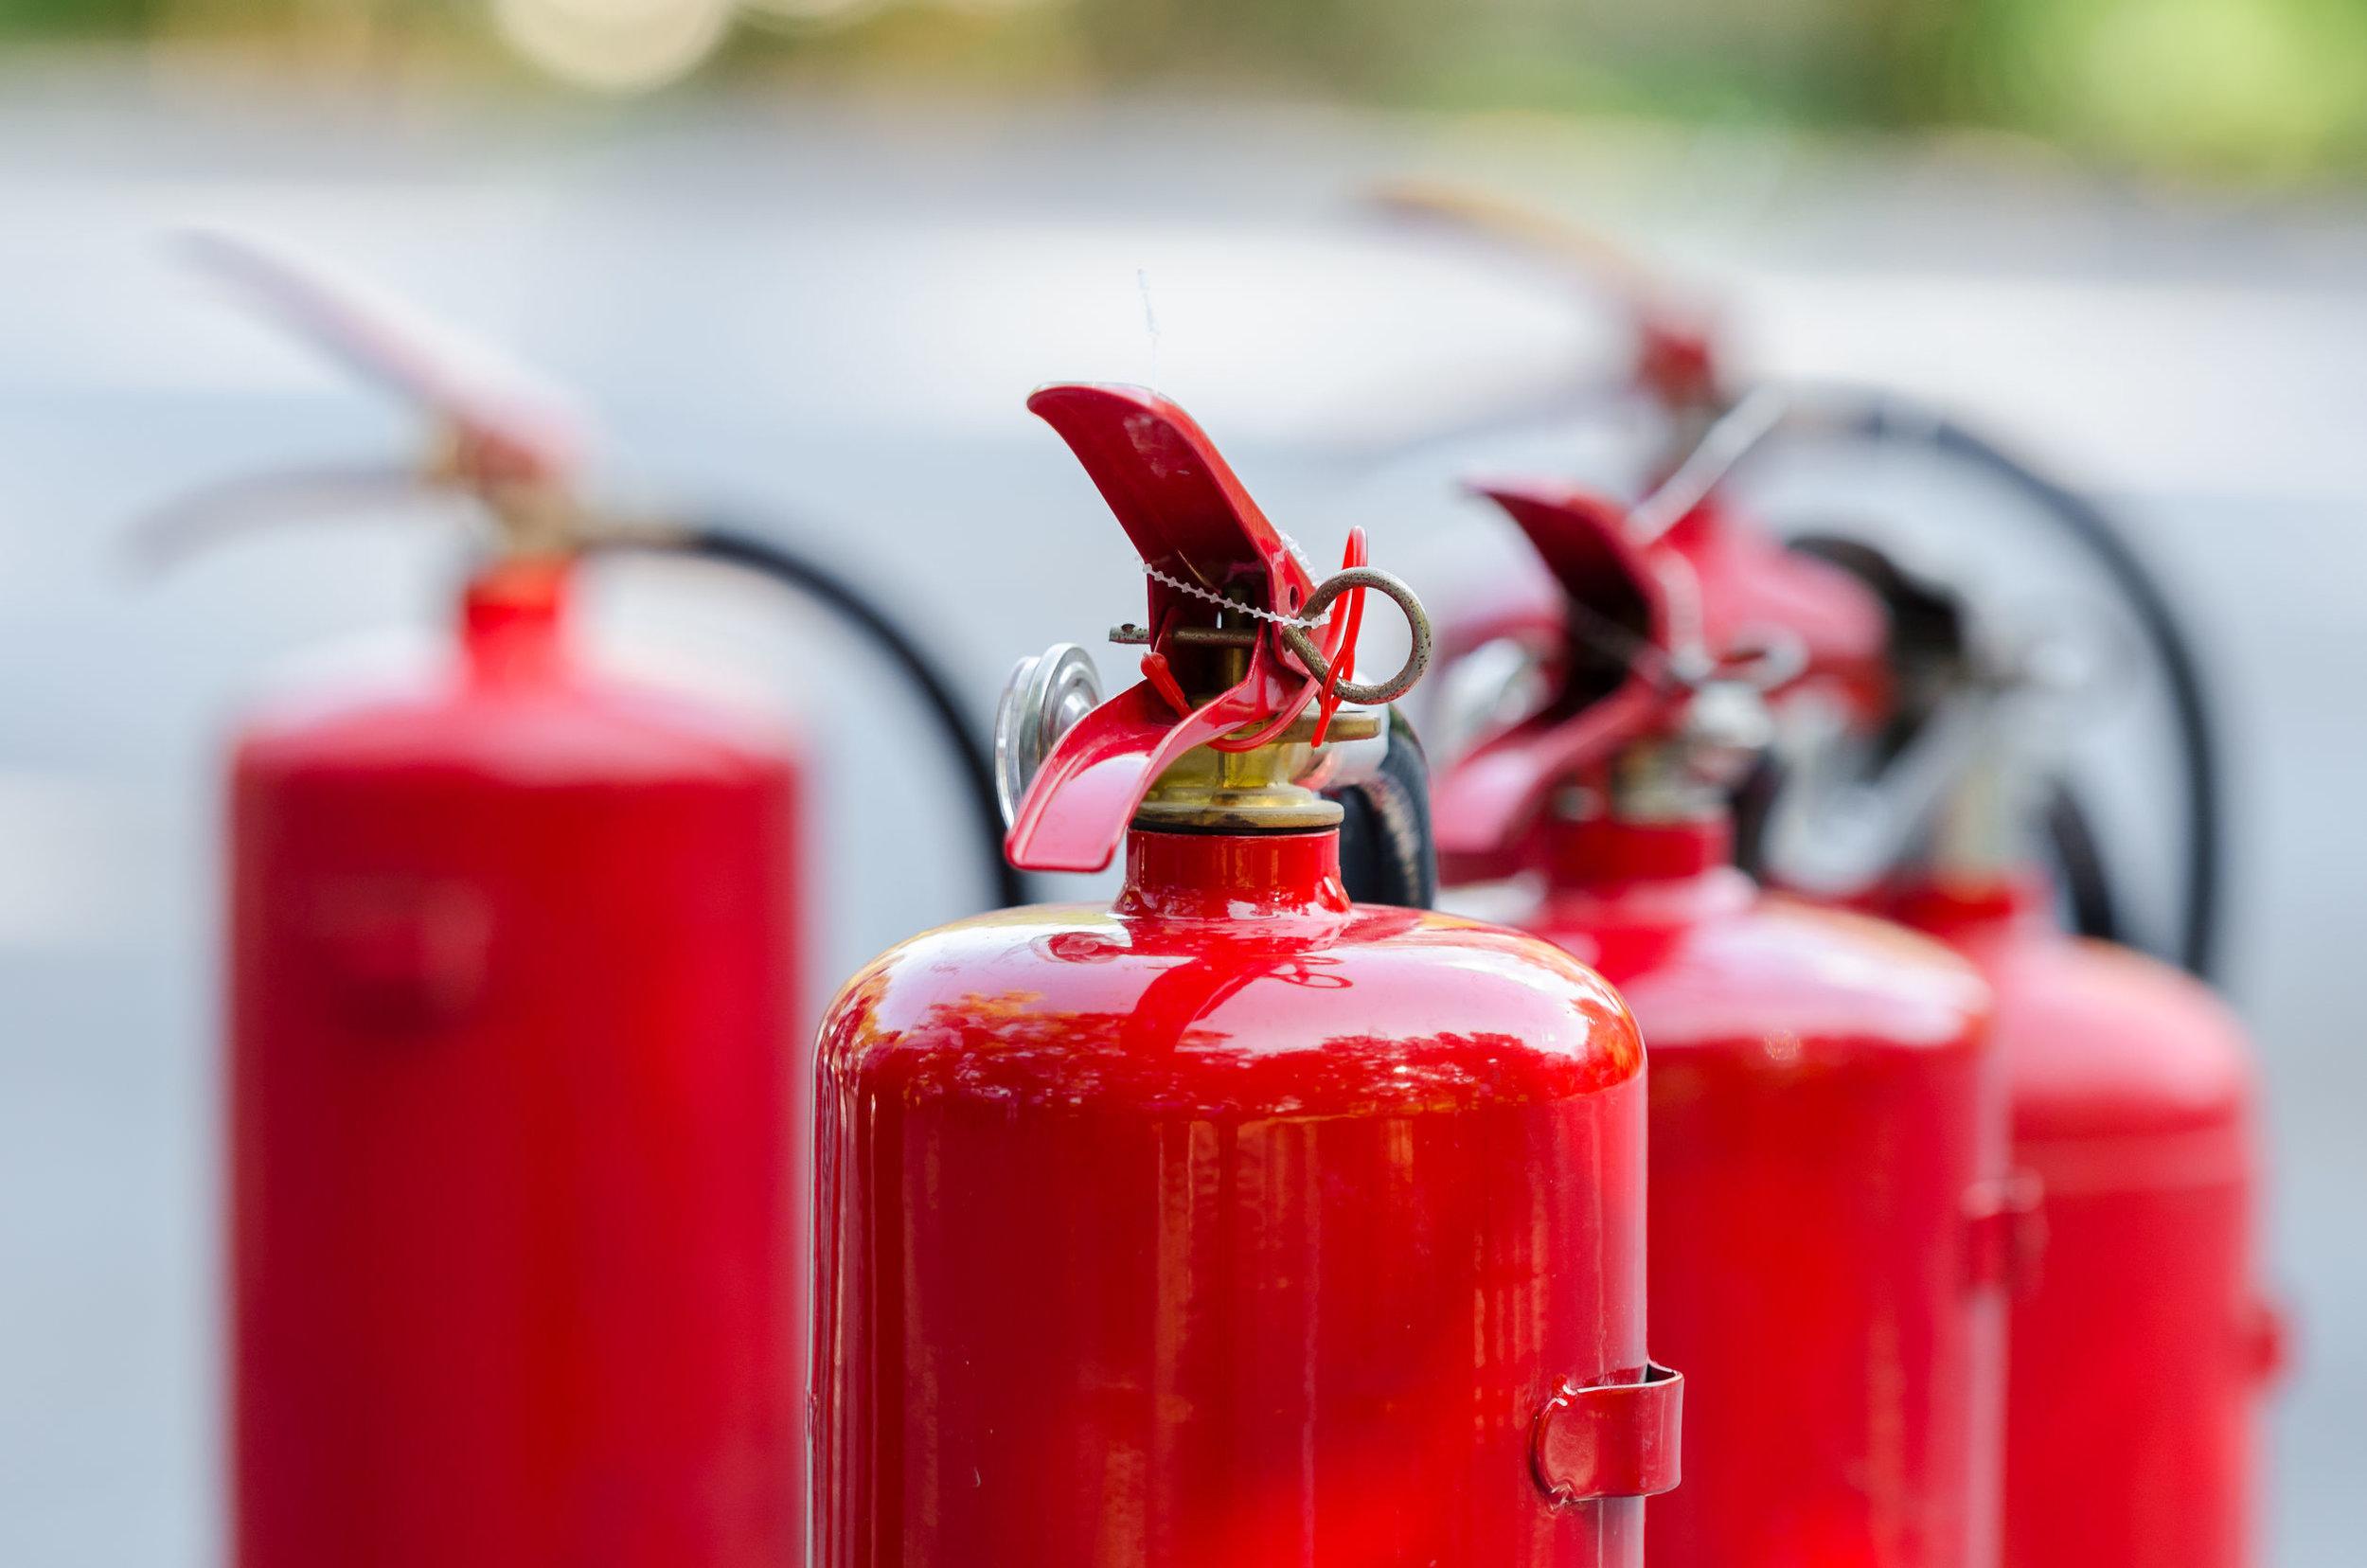 fire extinguisher.jpg